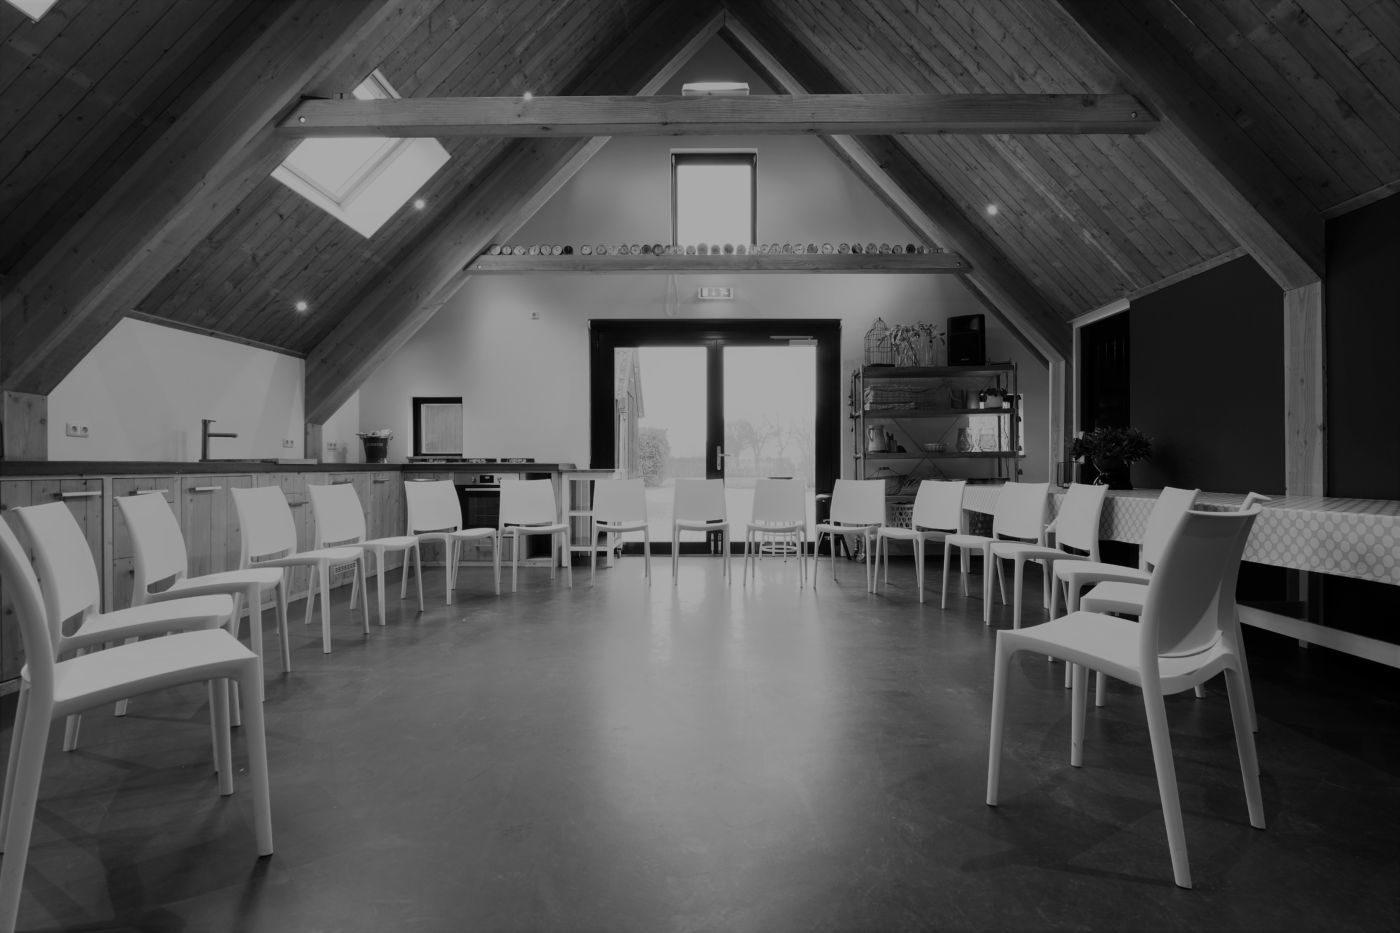 tijdvoorontwikkeling margriet slotman - Tijd voor ontwikkeling - Groepsactiviteiten, workshops, teambuilding en trainingen Drenthe